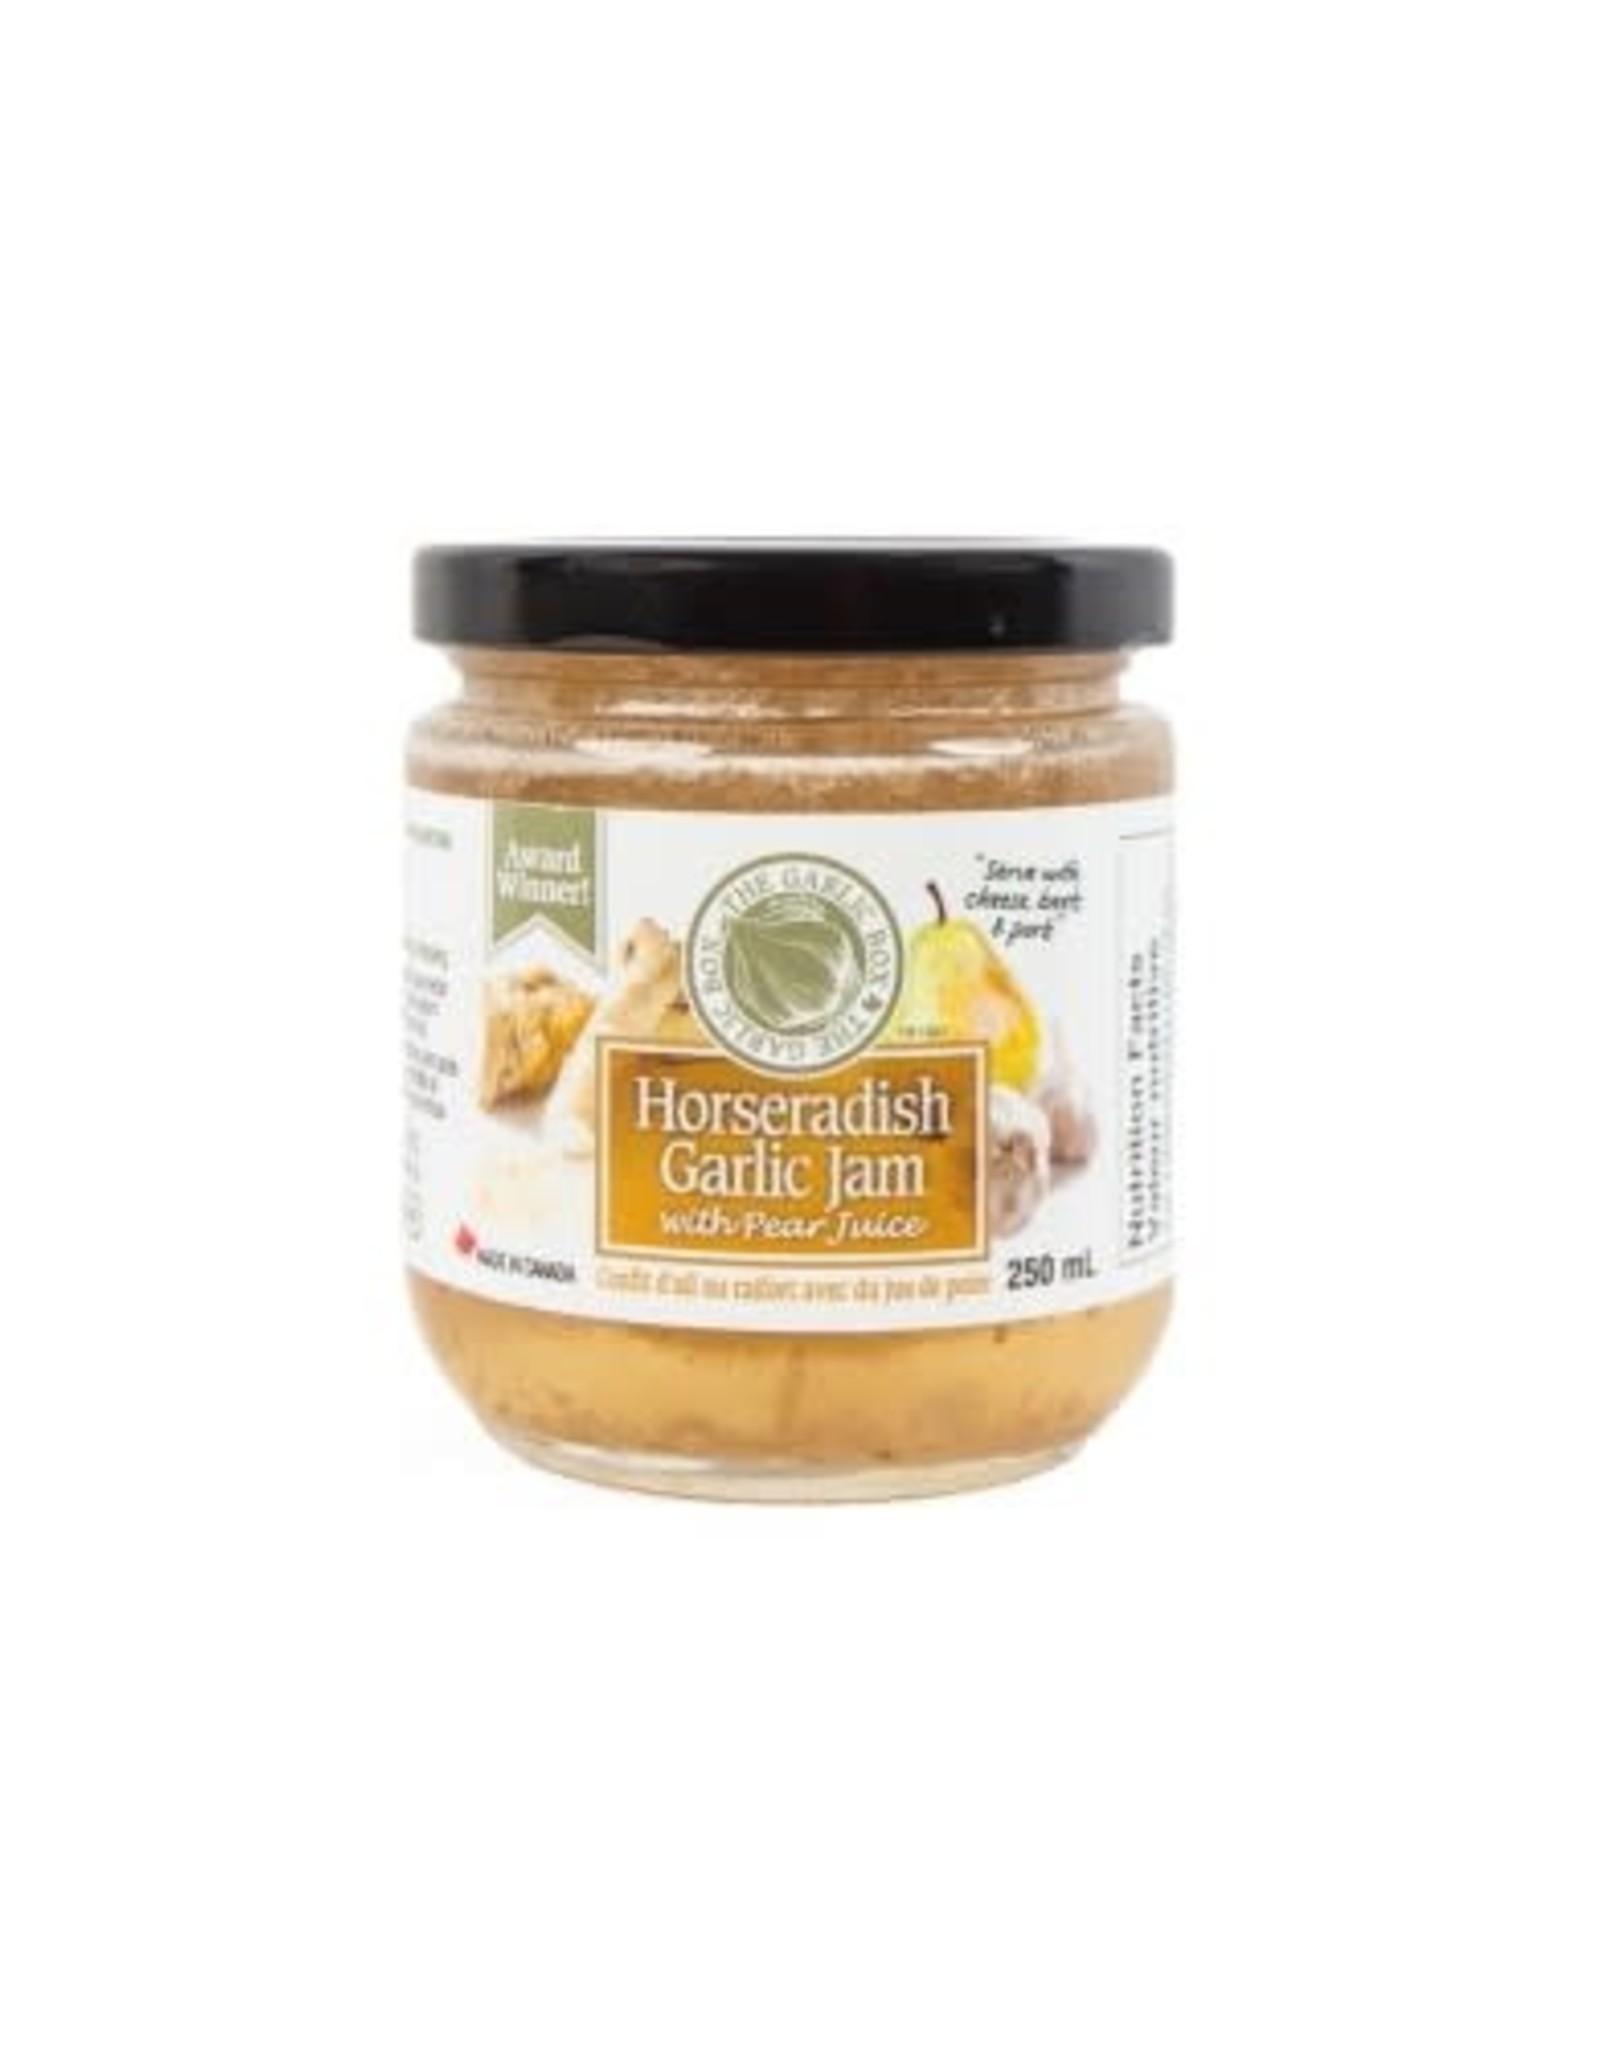 The Garlic Box Horseradish Garlic Jam